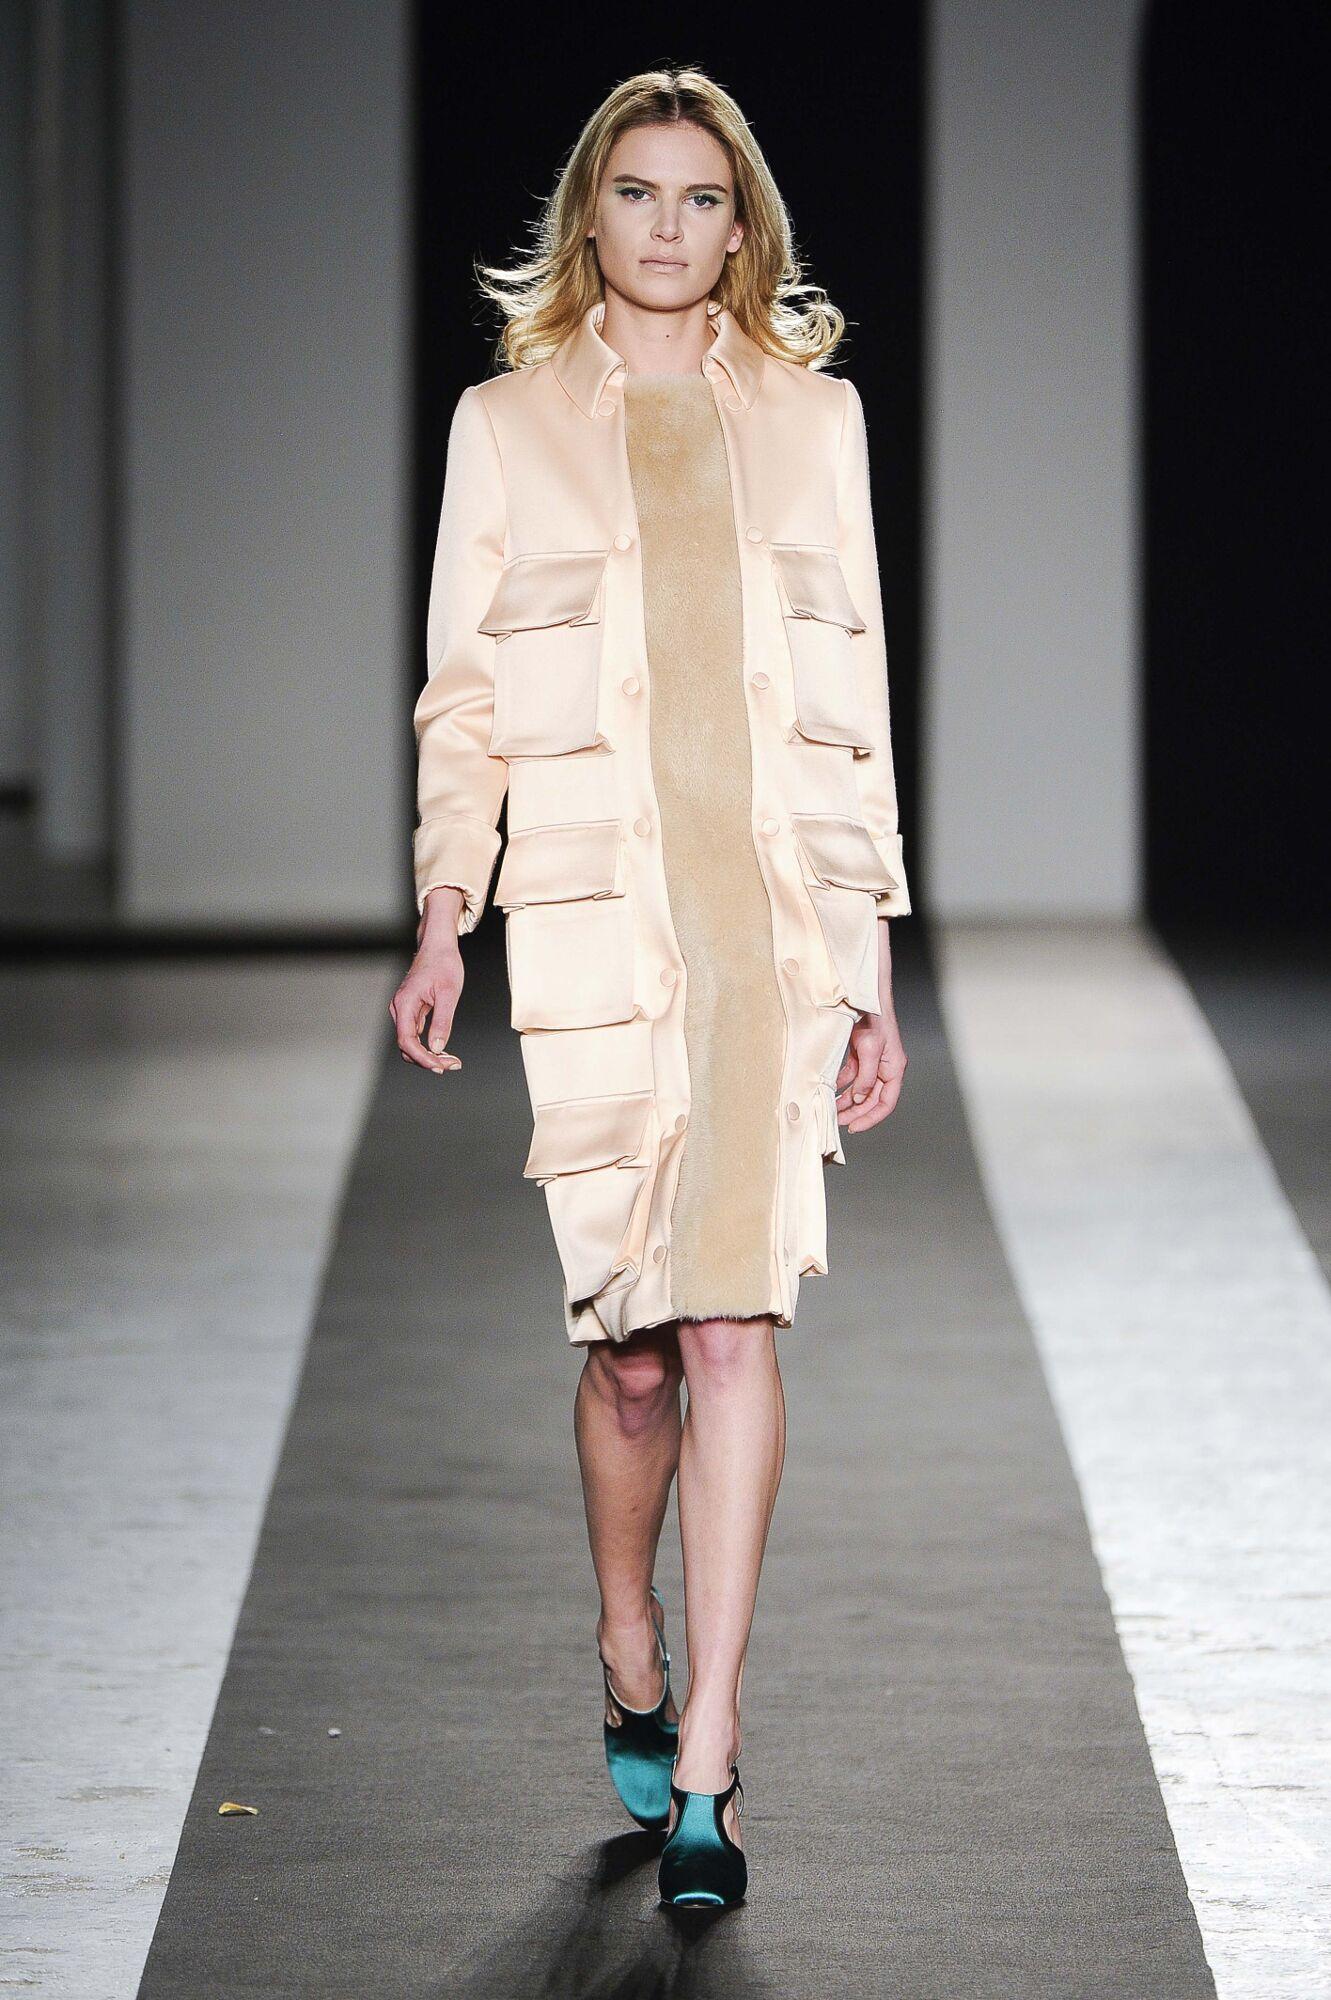 Runway Andrea Incontri Fashion Show Winter 2014